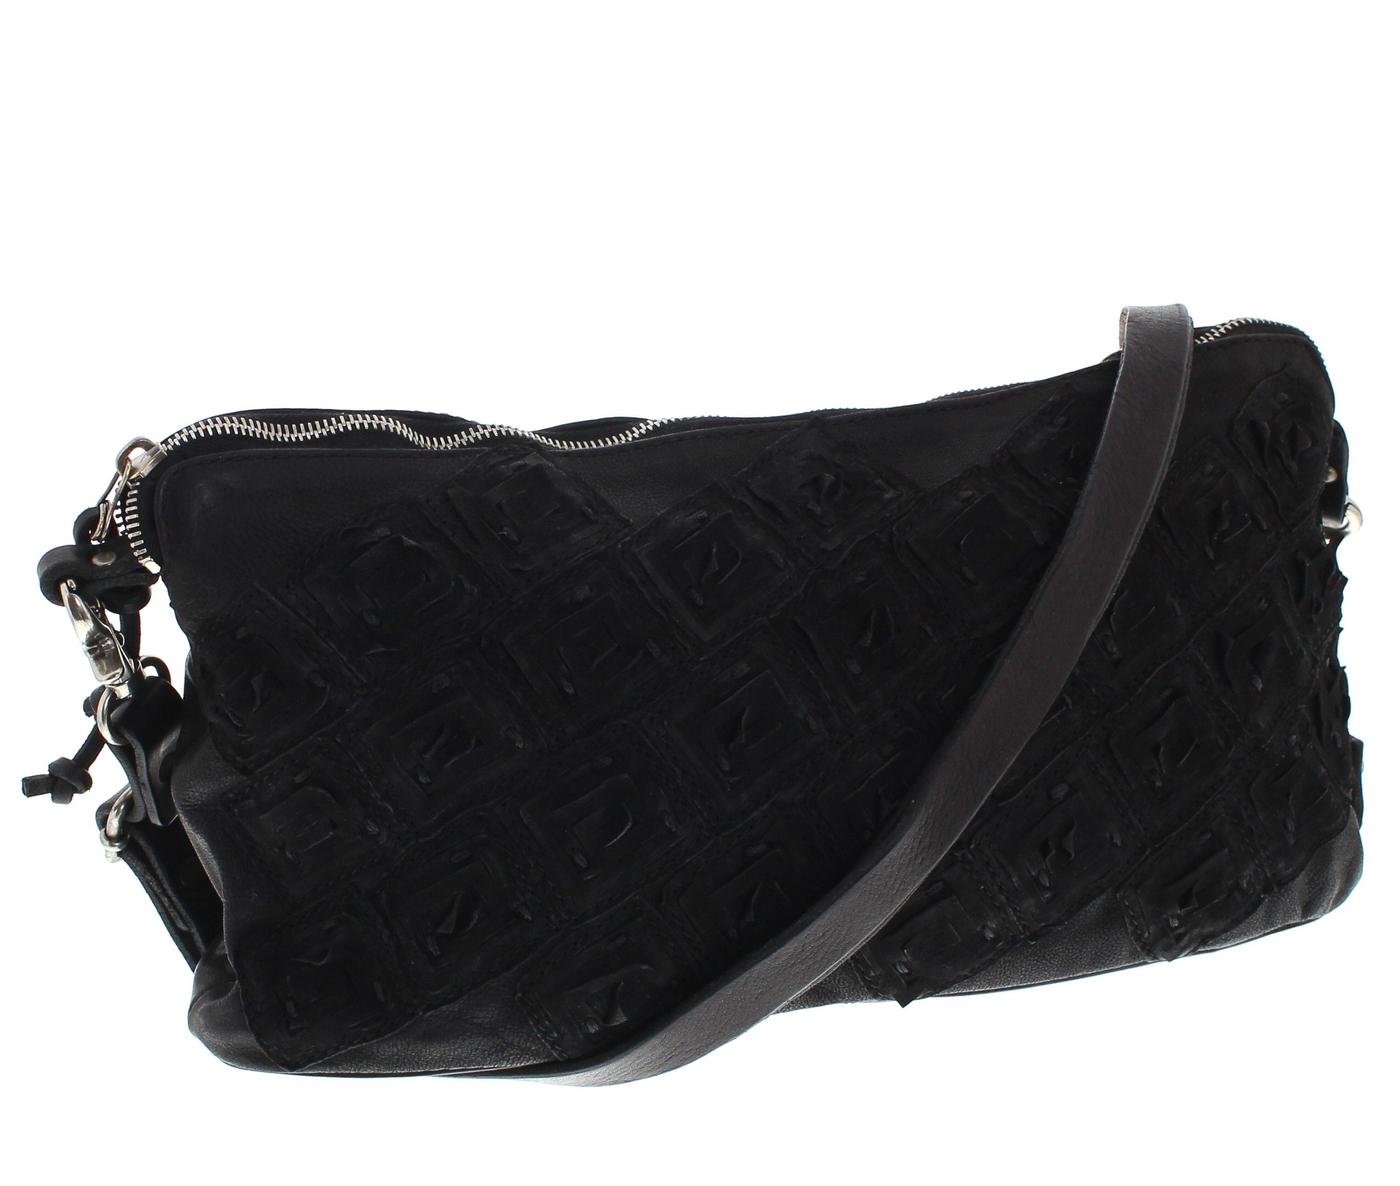 A.S. 98 BORSE 200309-0201 Nero Damen Tasche - schwarz